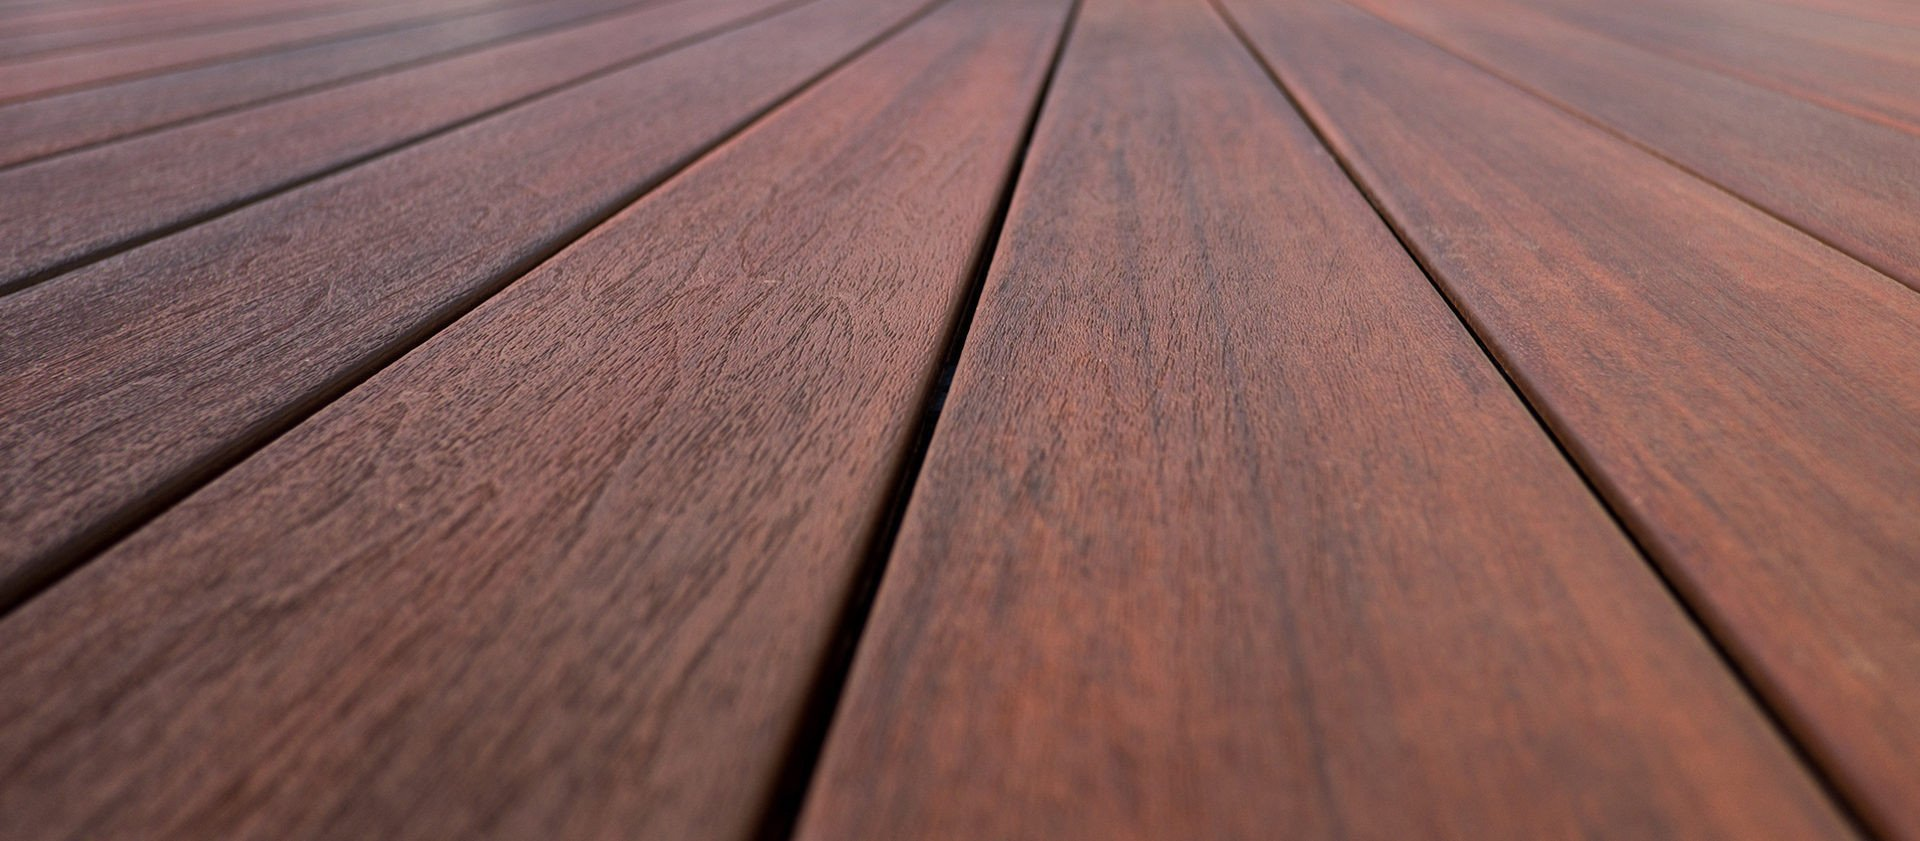 Vente Bois Pour Terrasse lame de terrasse composite symmetry - résistante aux u.v